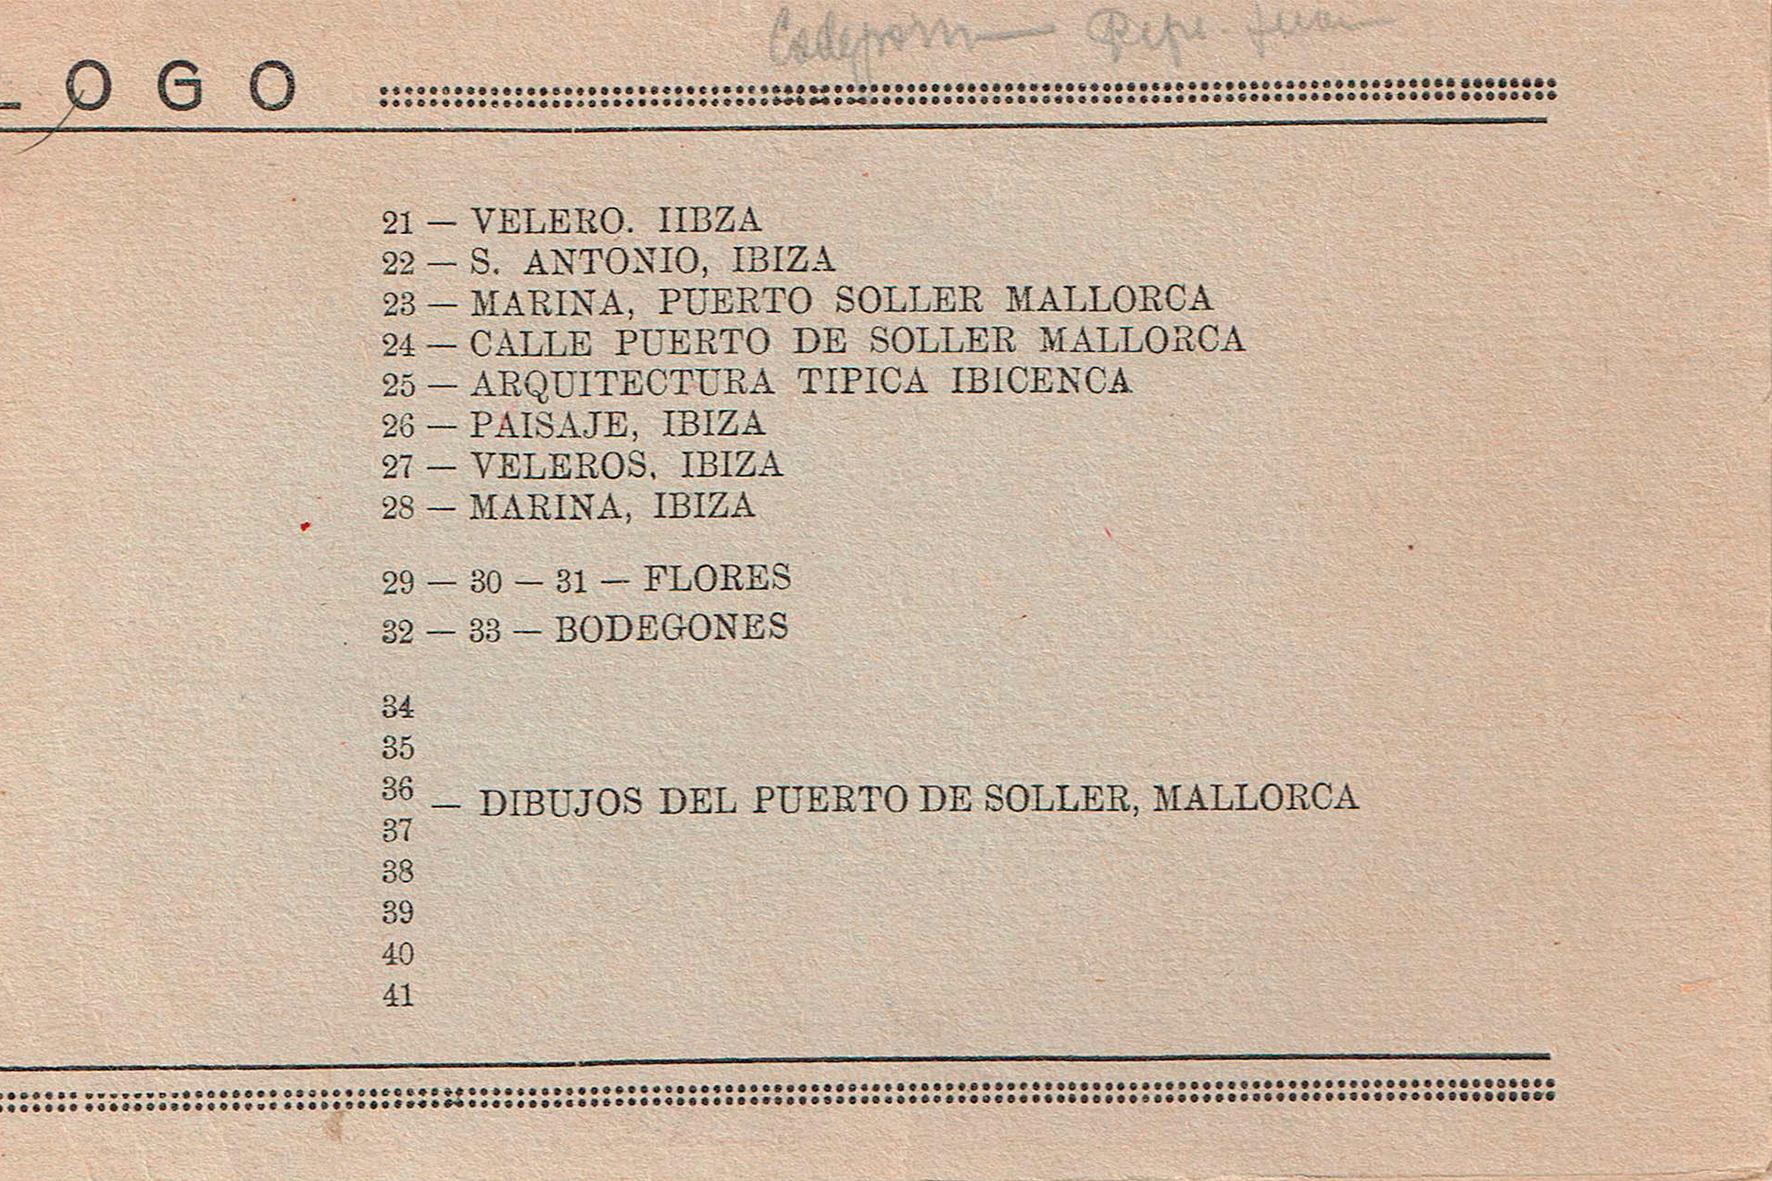 Catàleg exposició Ateneu d'Alacant. 1936. Pàg. 2